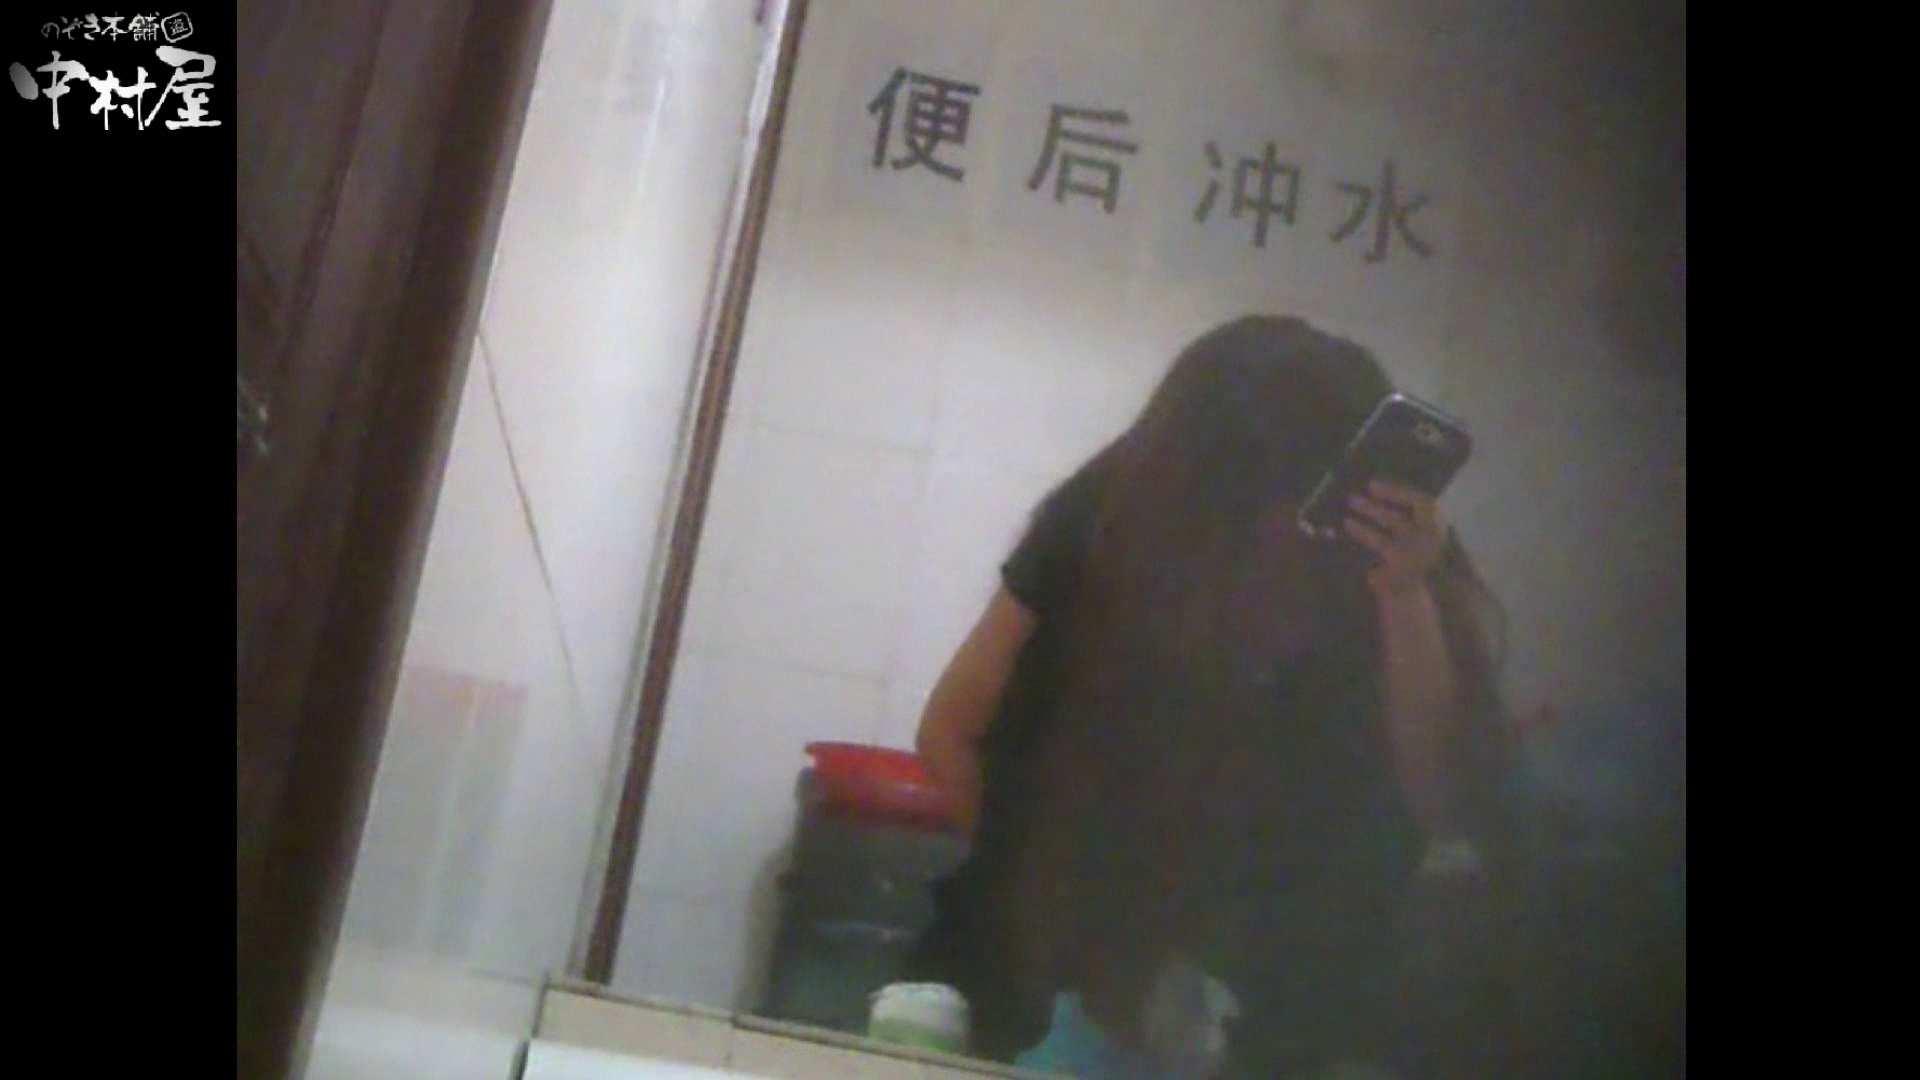 李さんの盗撮日記 Vol.03 現役ギャル のぞき動画画像 95pic 8